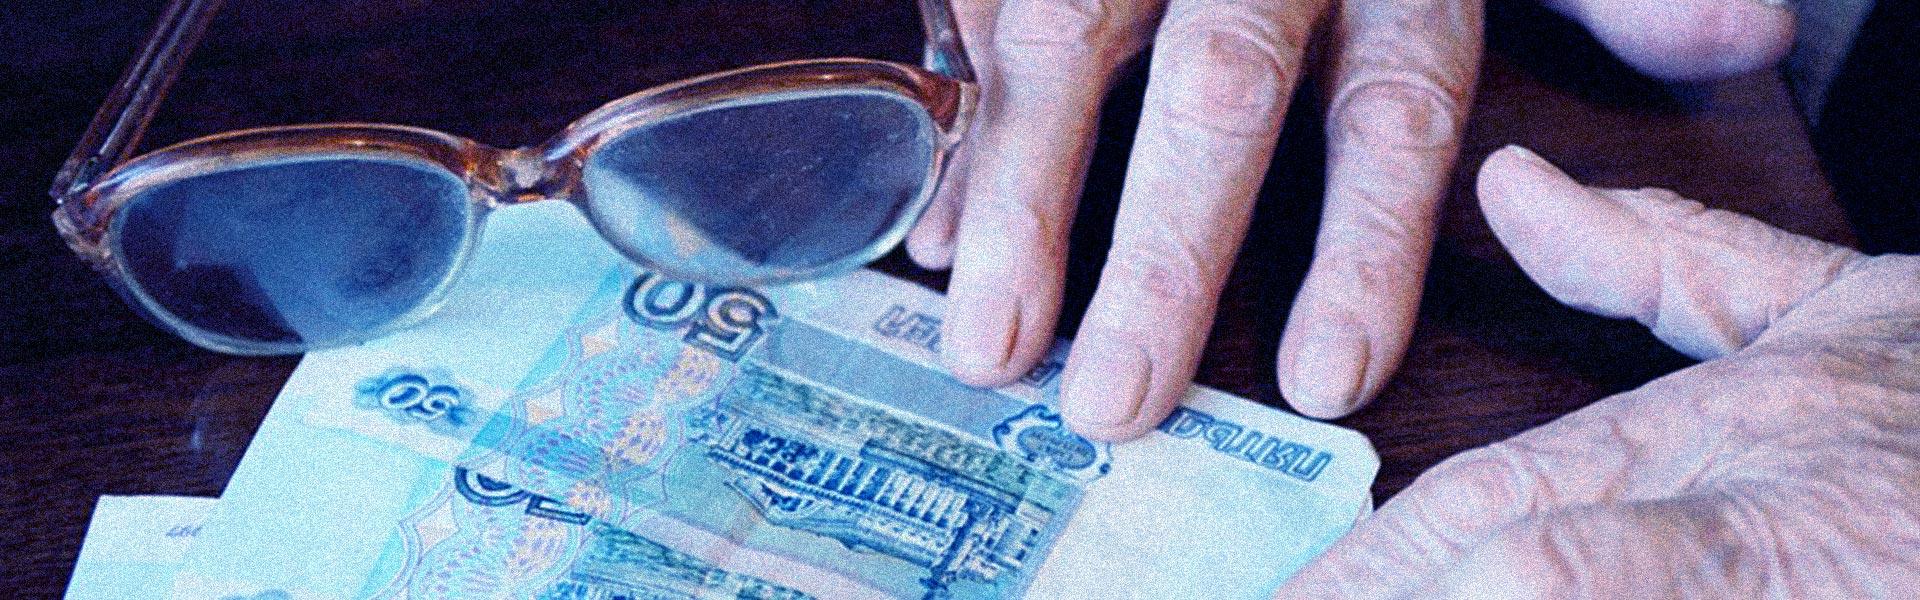 Пенсионная реформа: взгляд справа